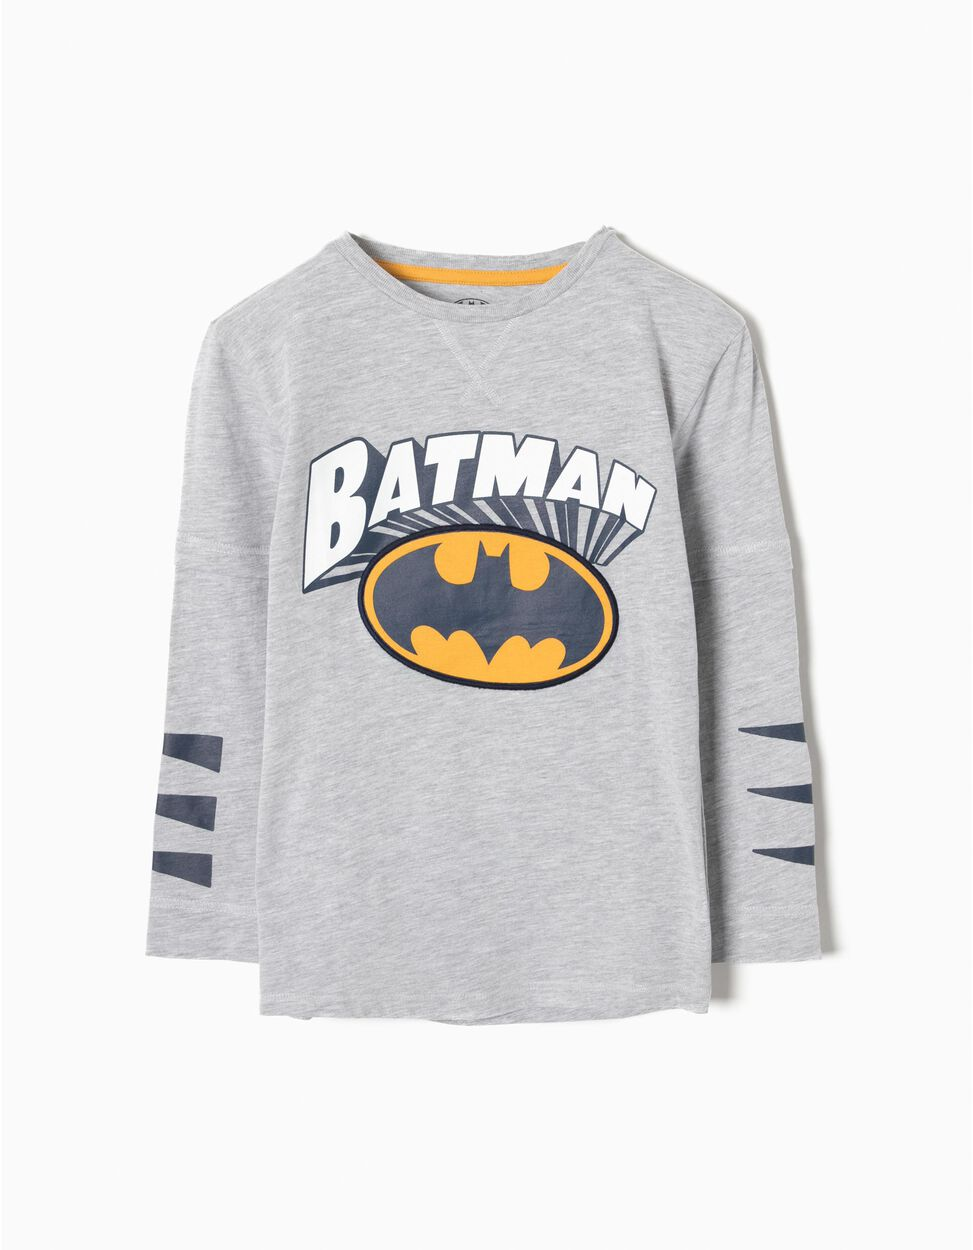 T-shirt Mangas Compridas Batman